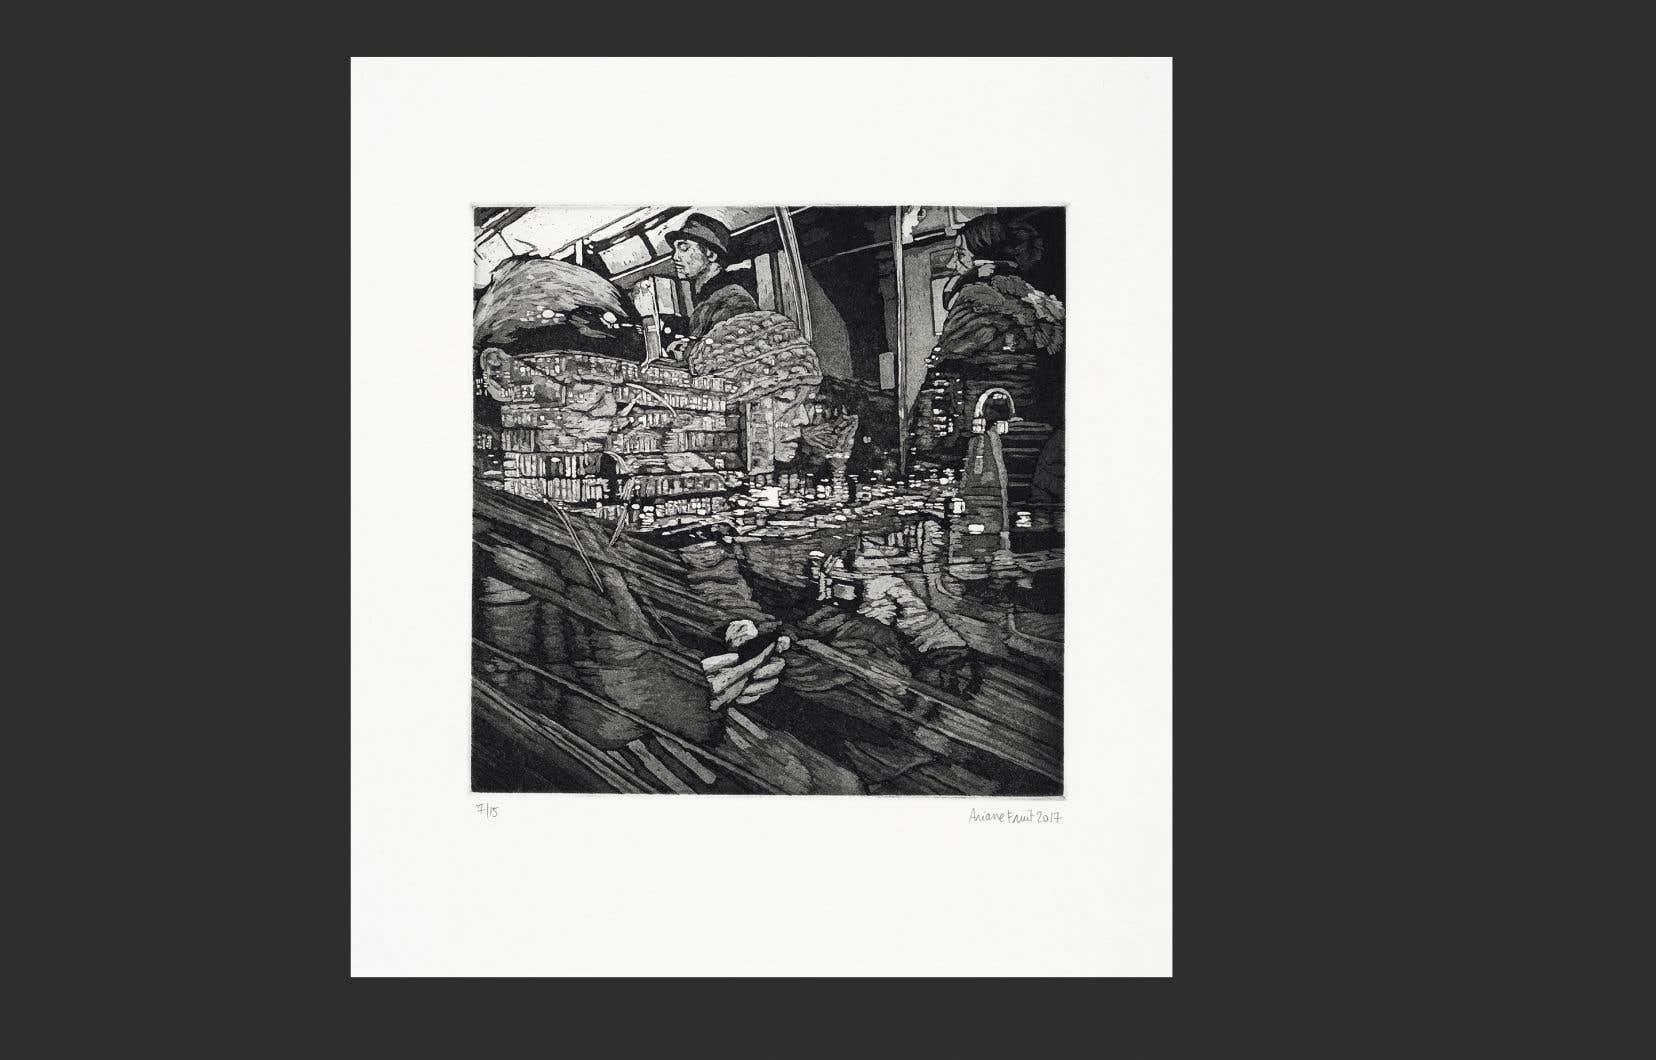 «Scène de crime», l'œuvre la plus récente d'Ariane Fruit, a été gravée à même le sol du studio de l'artiste, inspirée des images de scènes de crime du XIXe siècle.